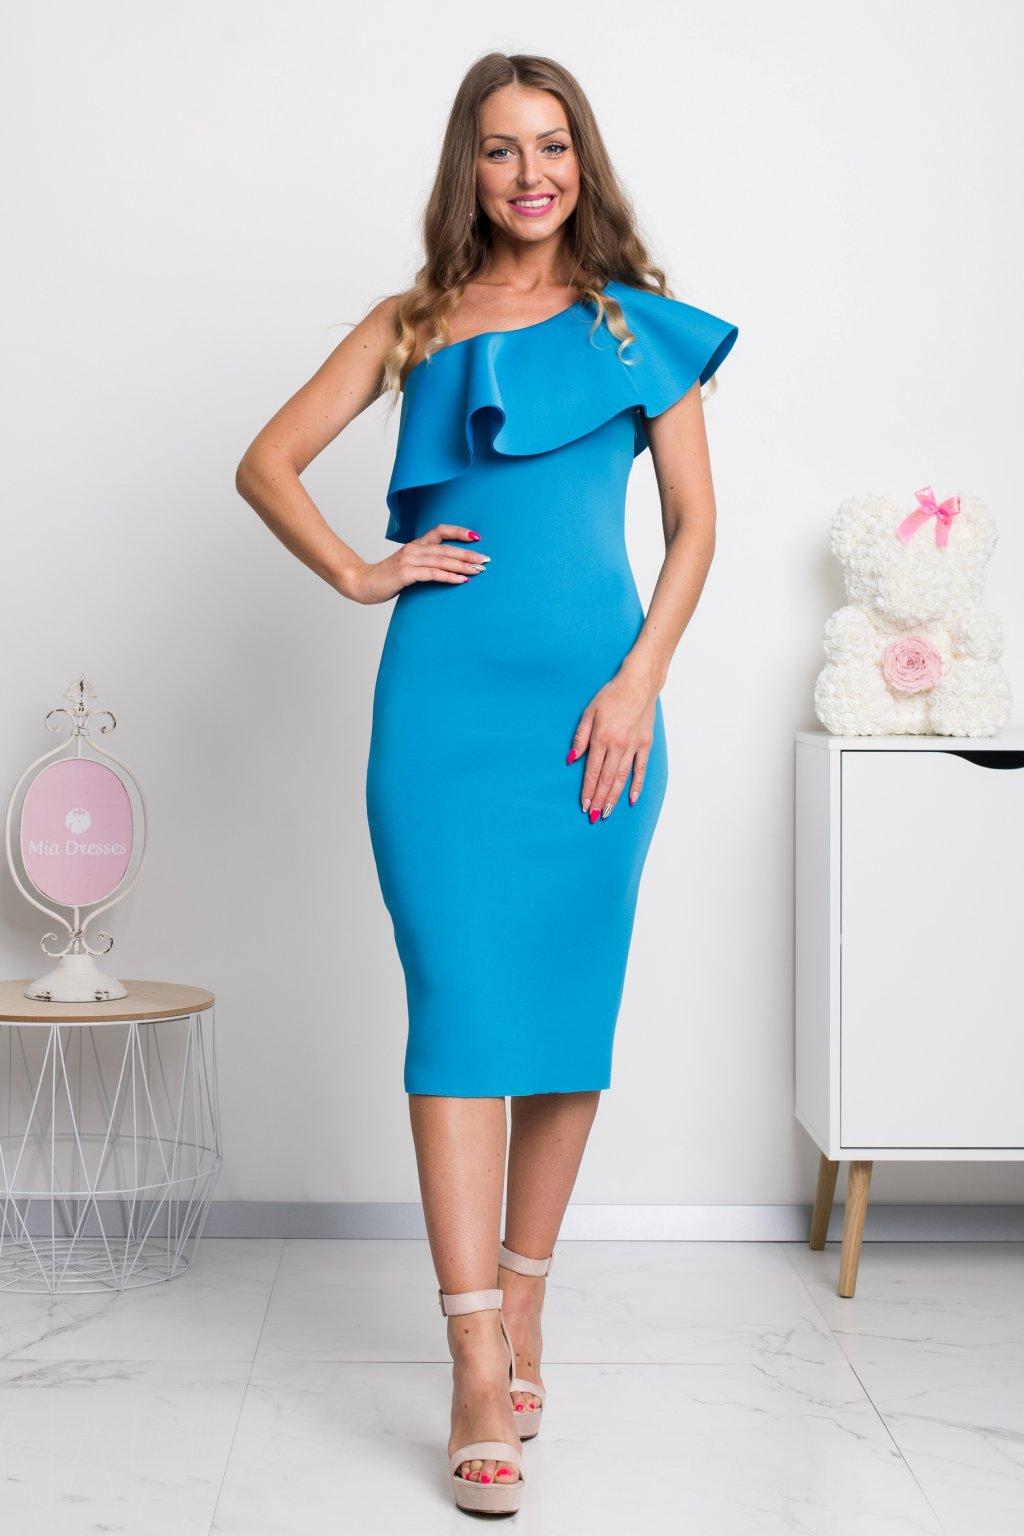 c4a5363d28bd Mia Dresses - Spoločenské šaty